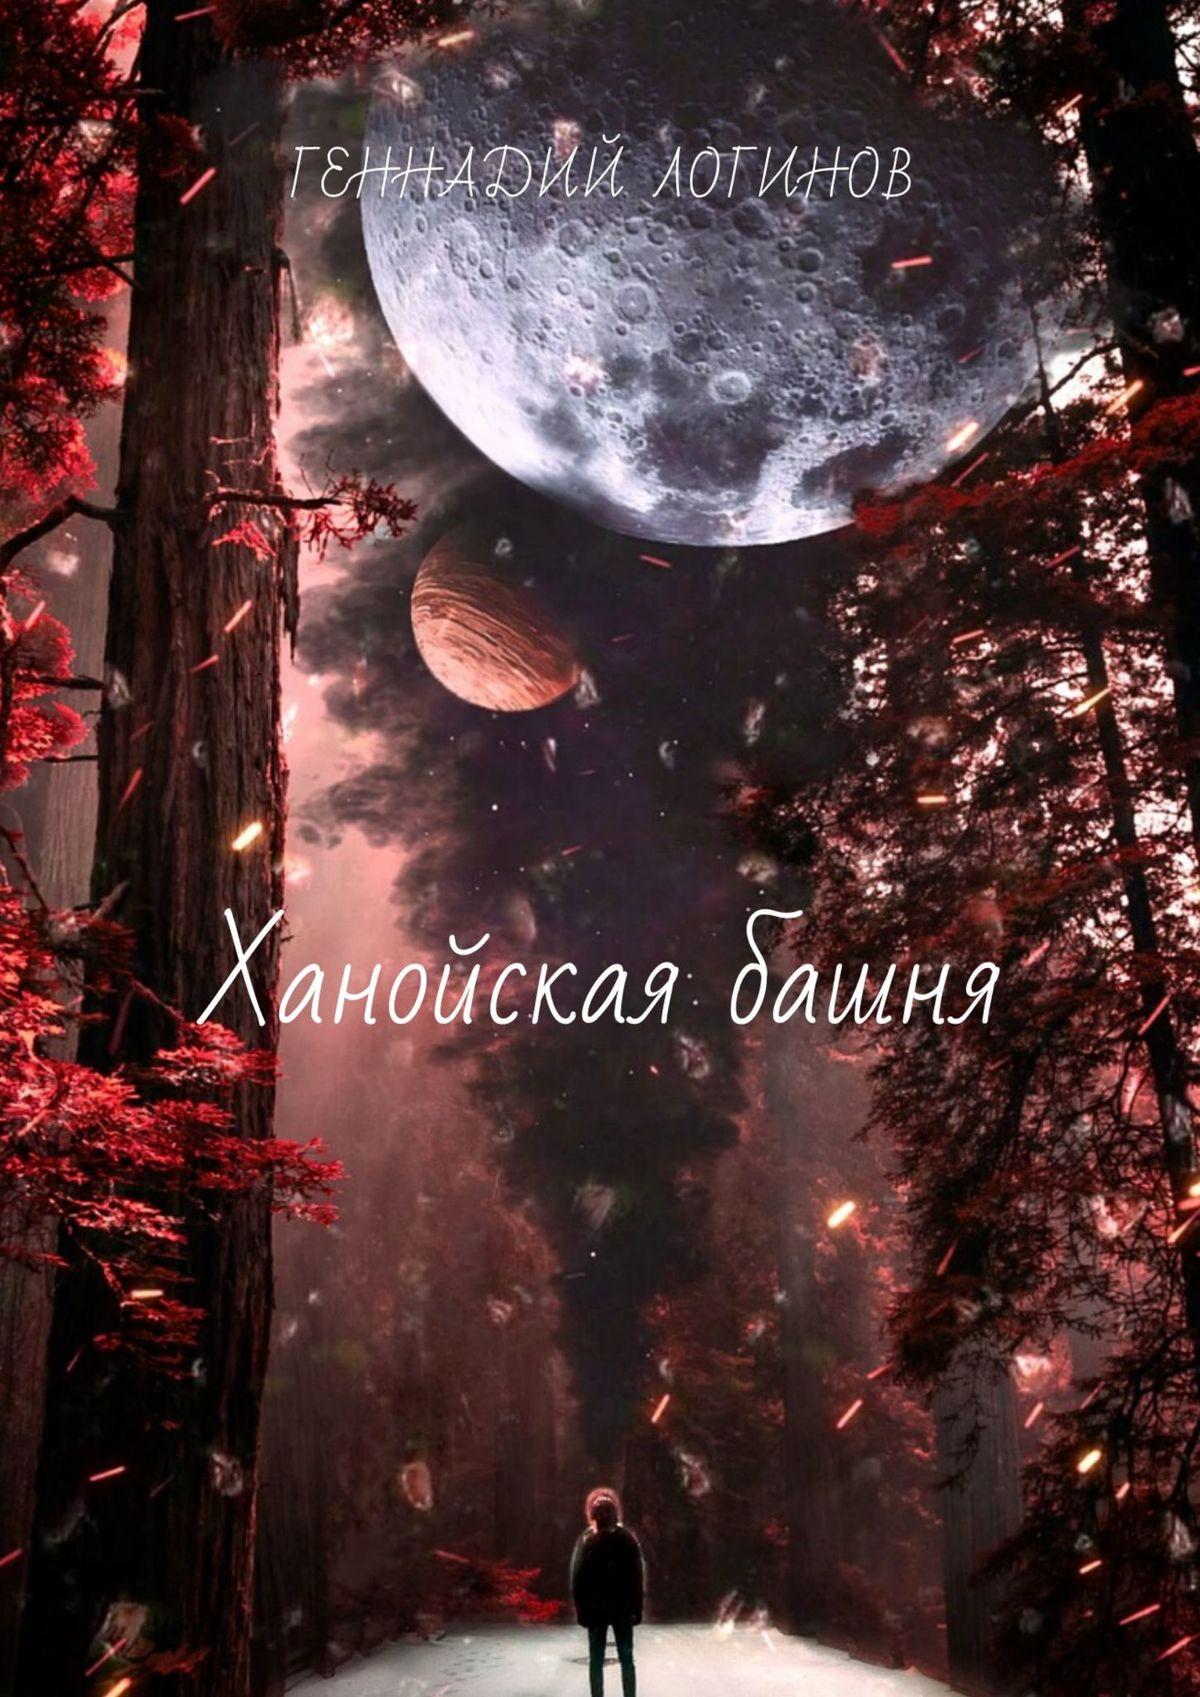 Геннадий Логинов Ханойская башня. Сон наяву… книга одиночеств